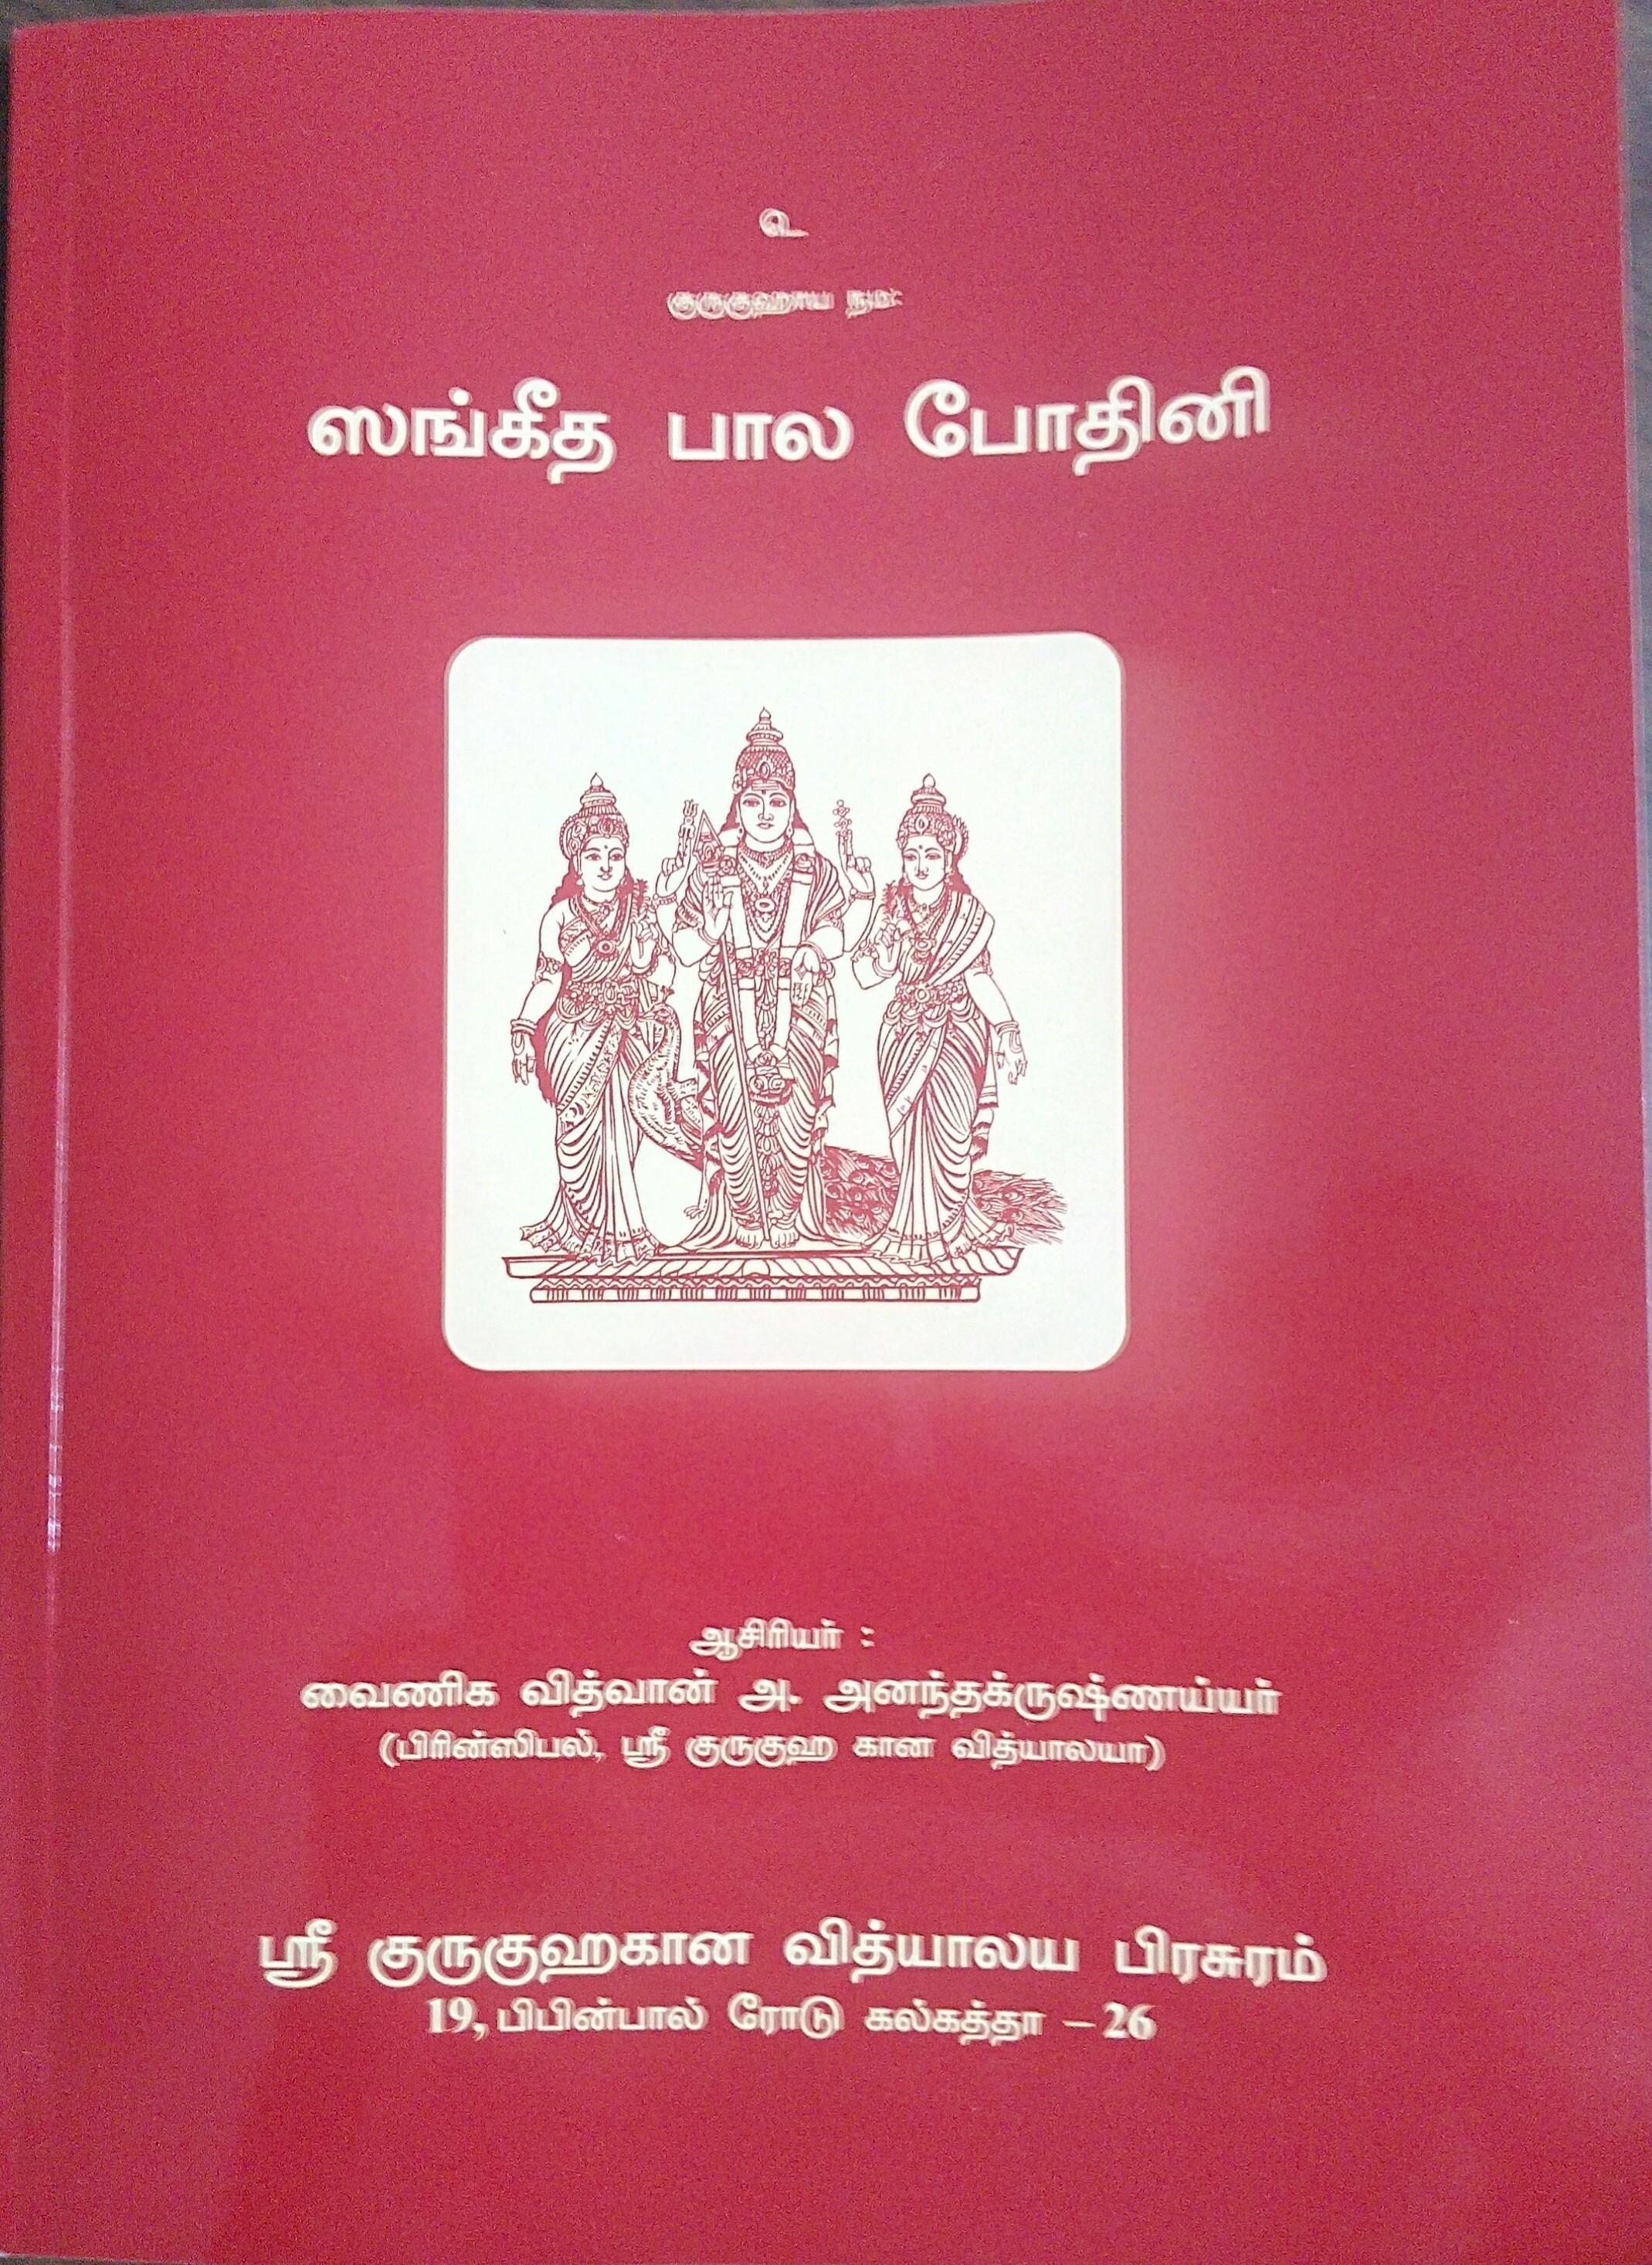 ஸங்கீத பால போதினி